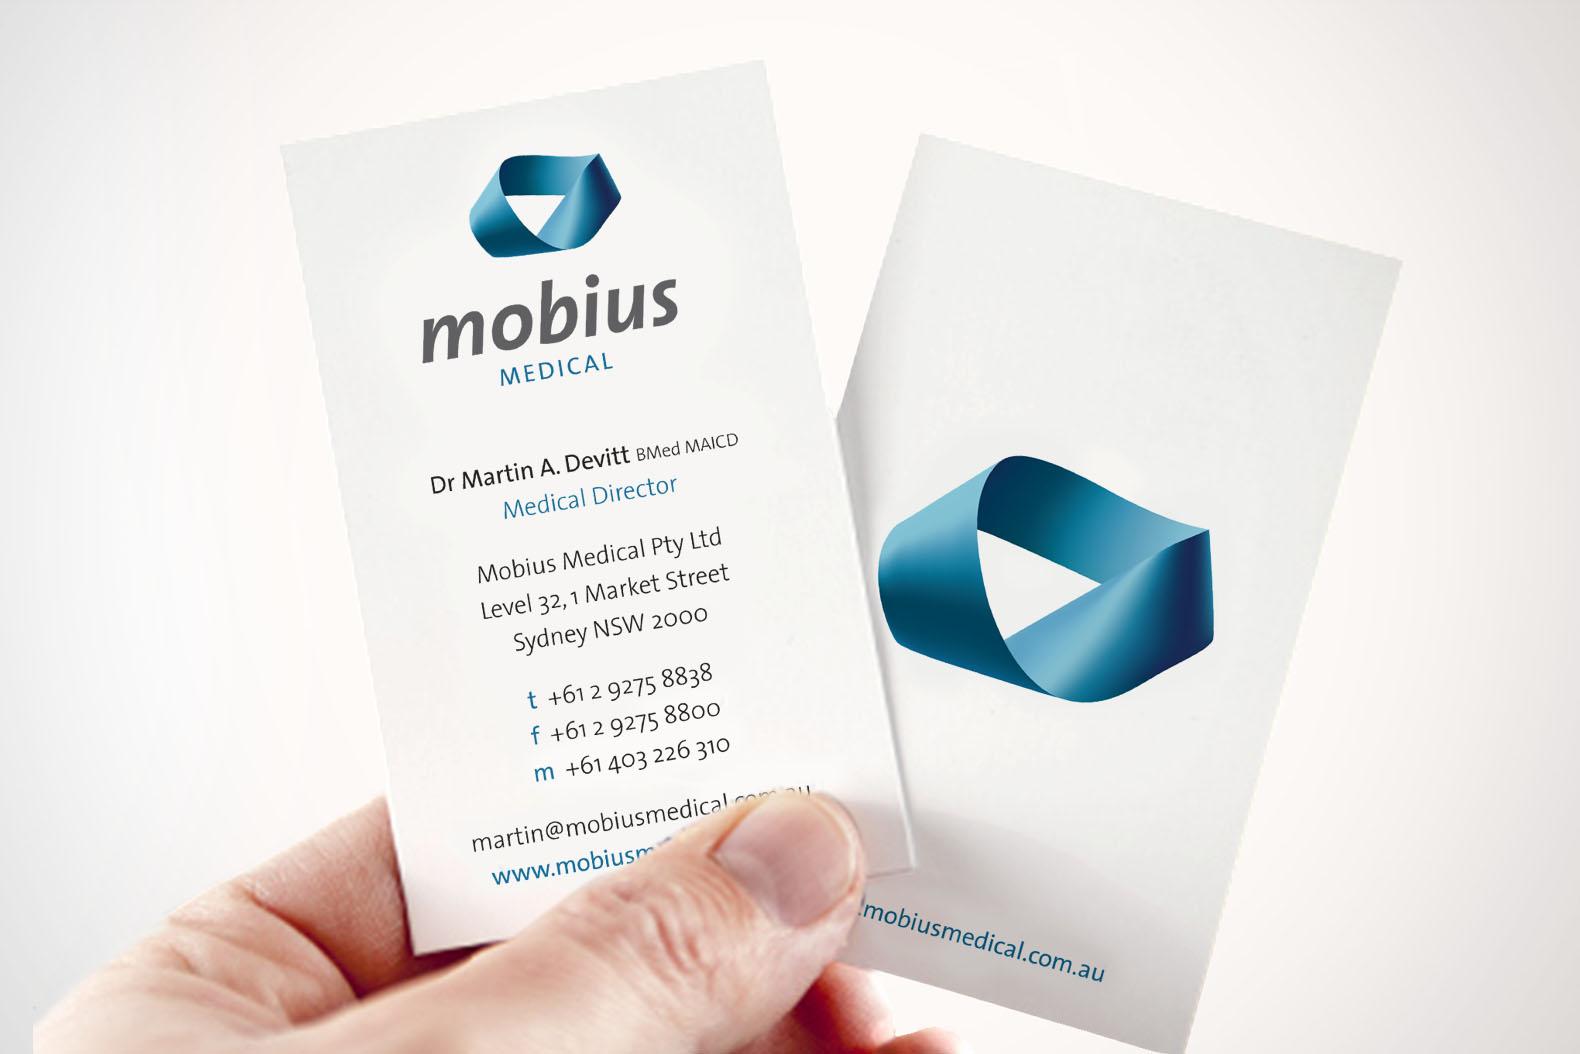 mobiusbuscard